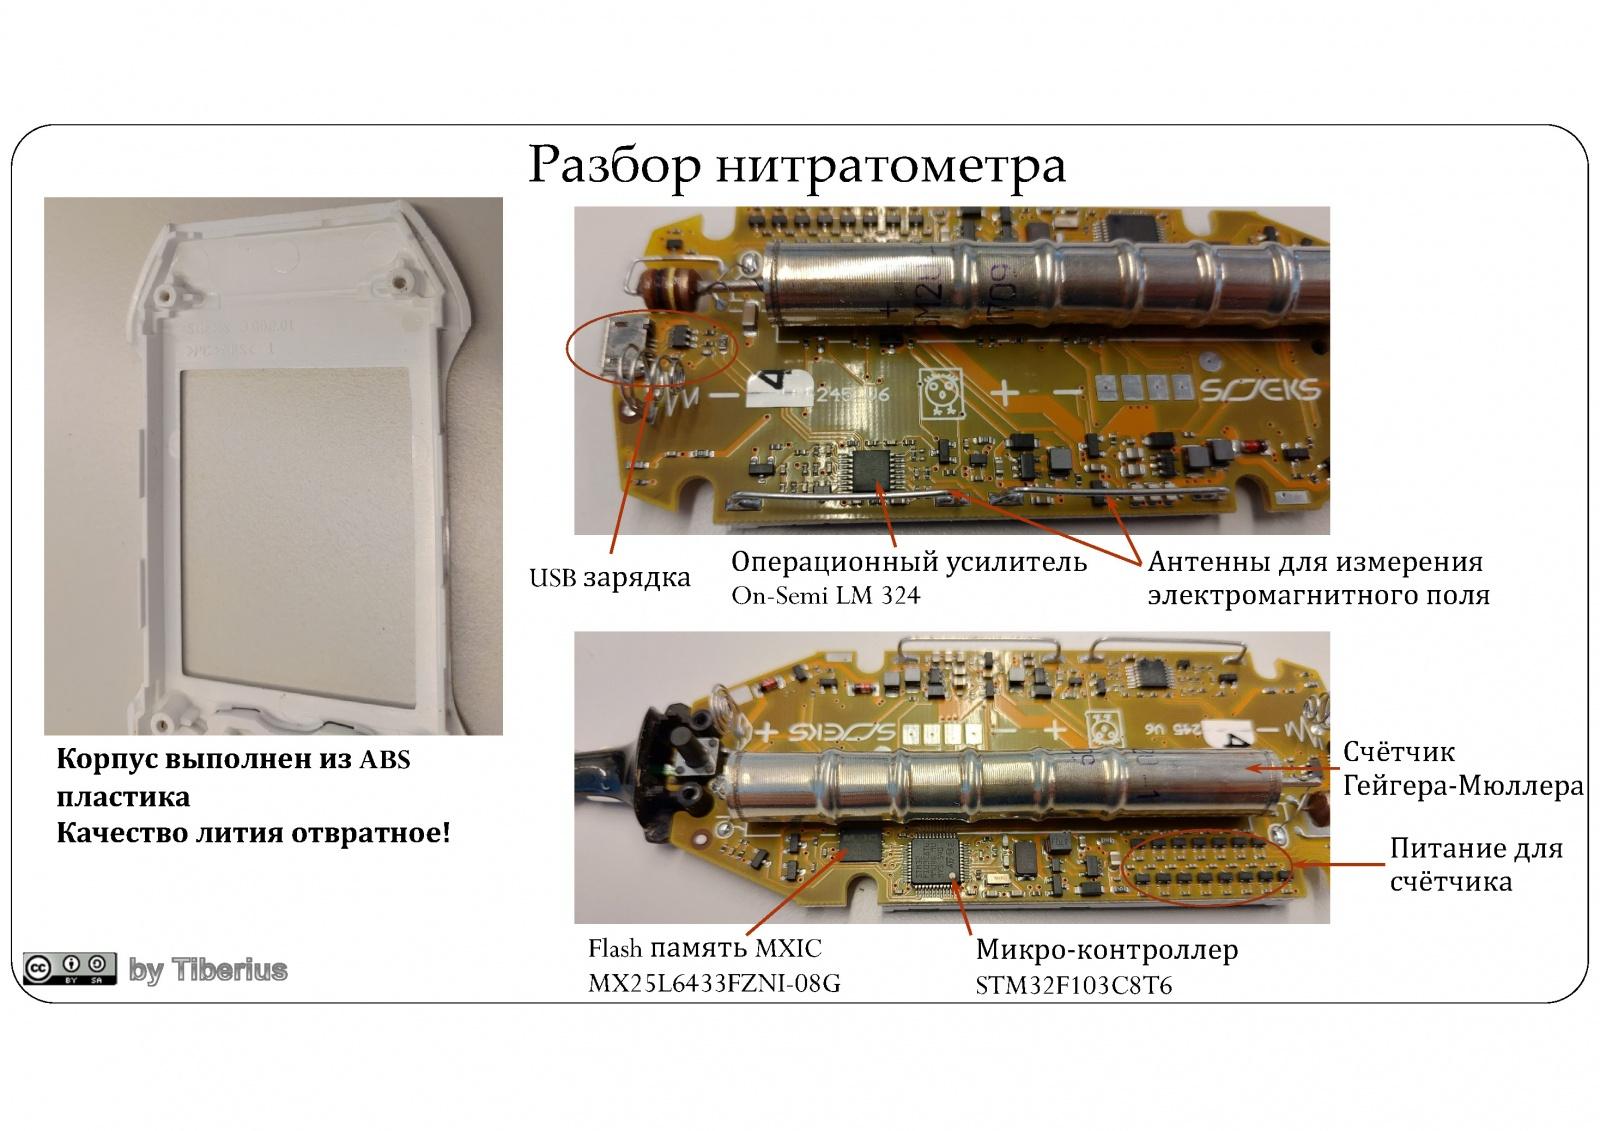 Нитраты в продуктах: магазины Швейцарии vs магазины России vs дача - 7